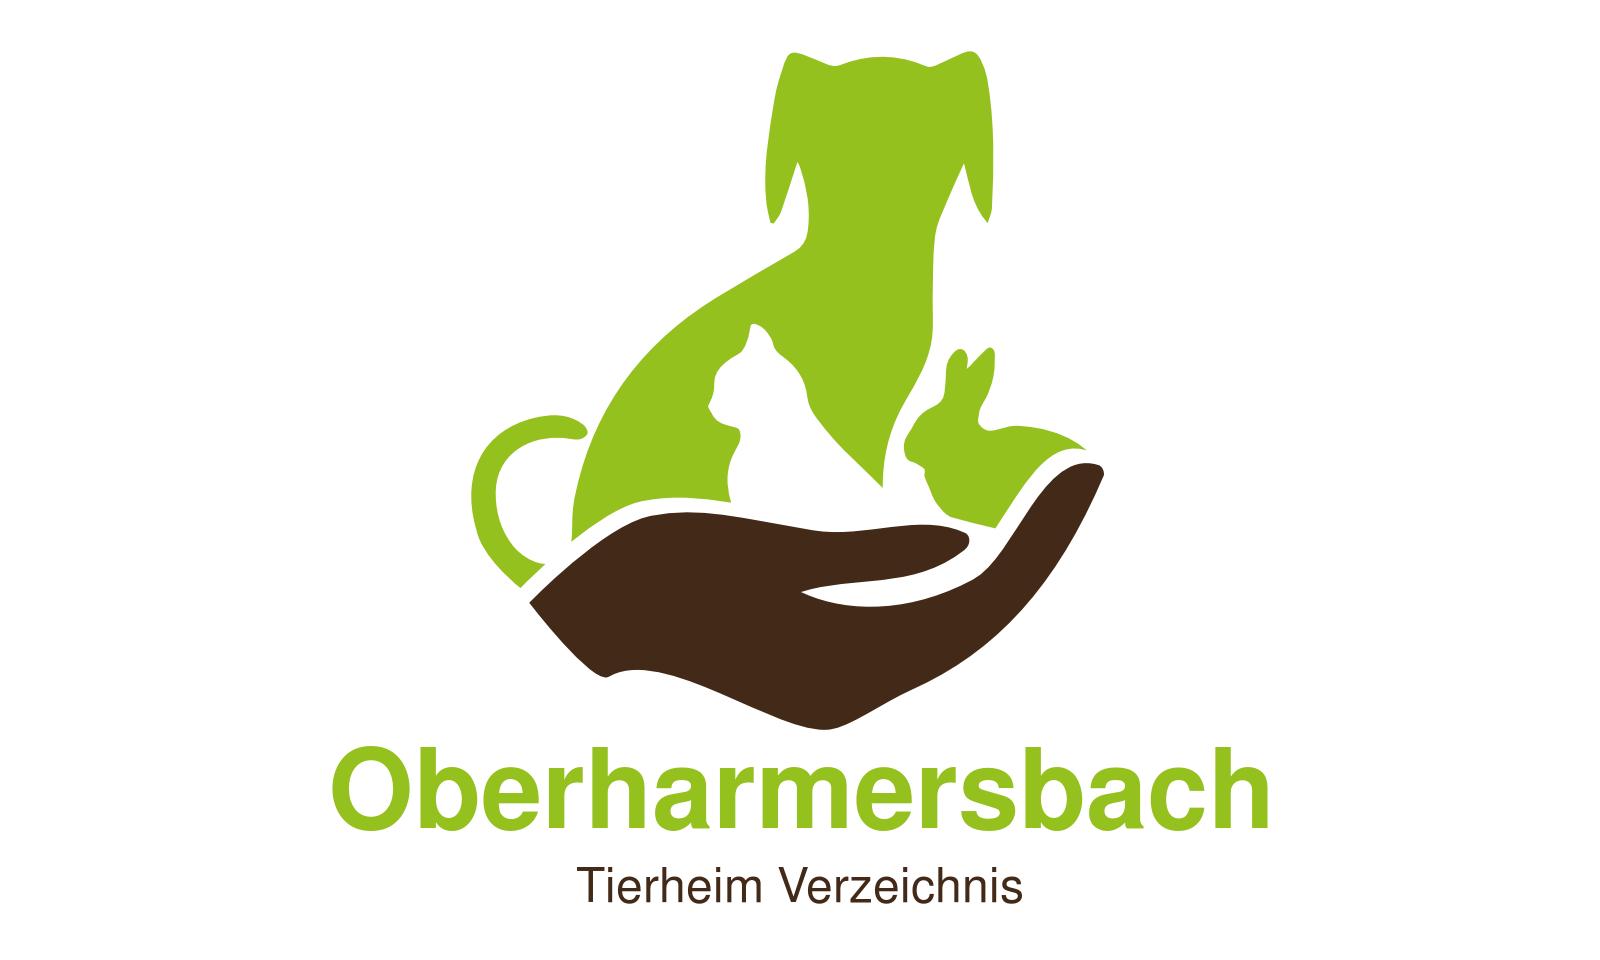 Tierheim Oberharmersbach